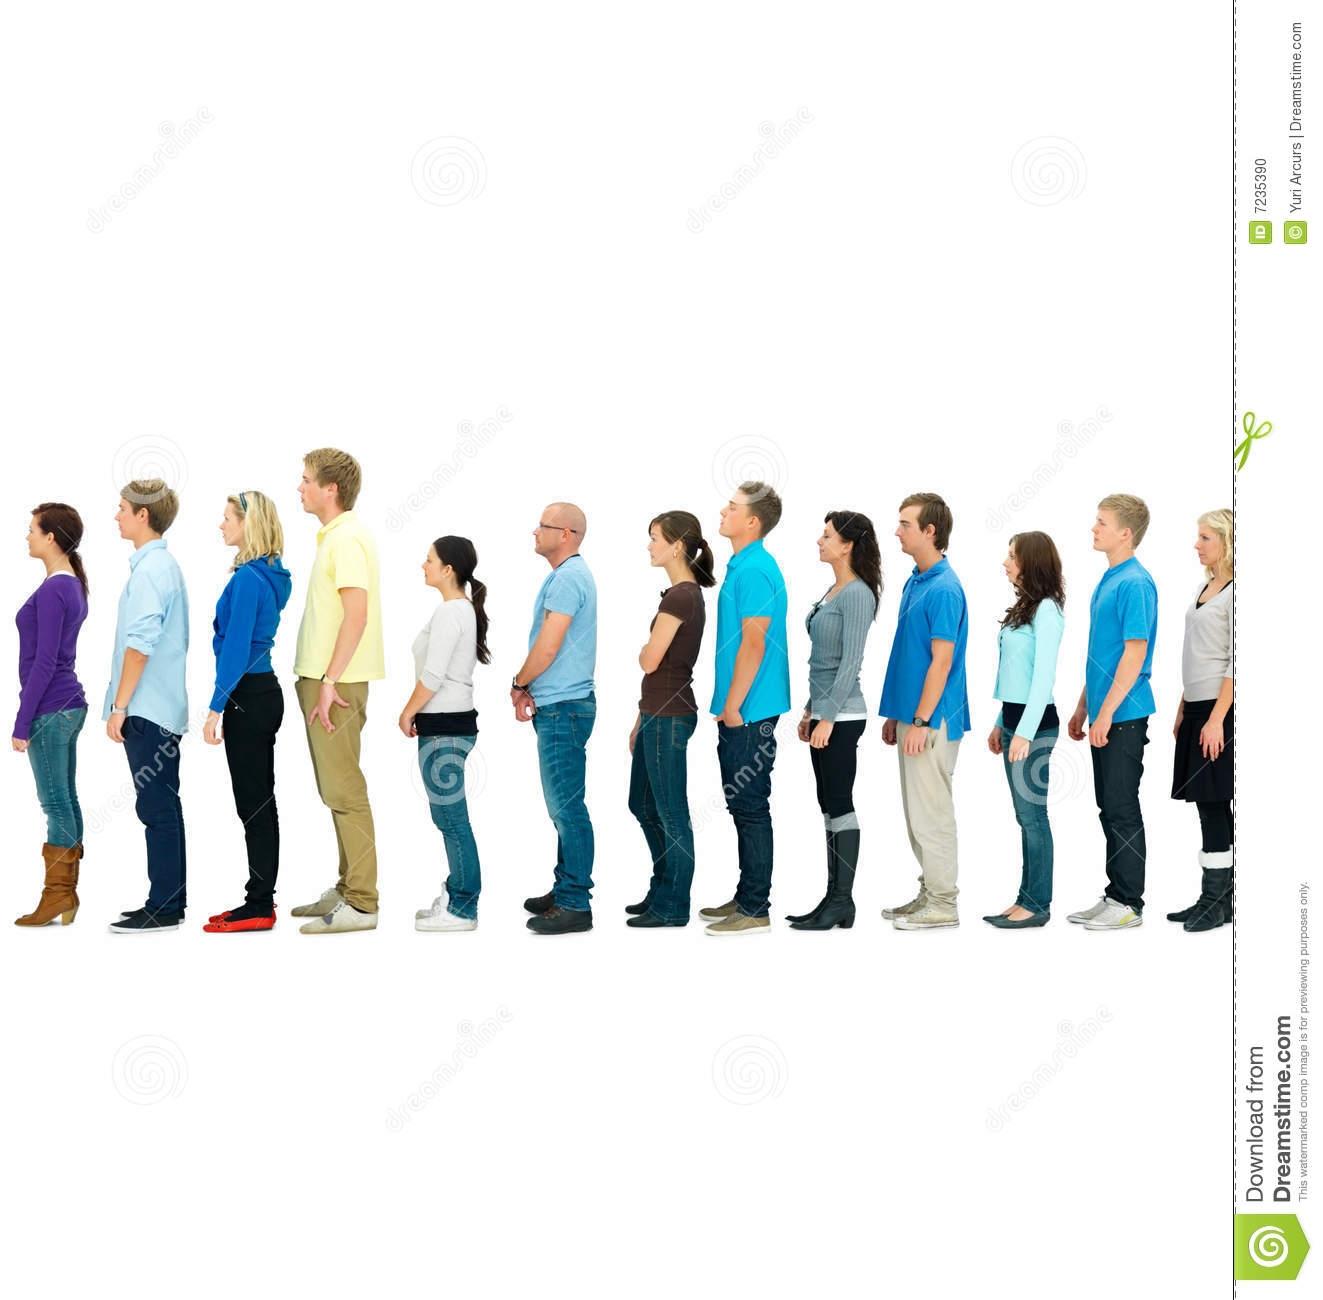 Children queue clipart.